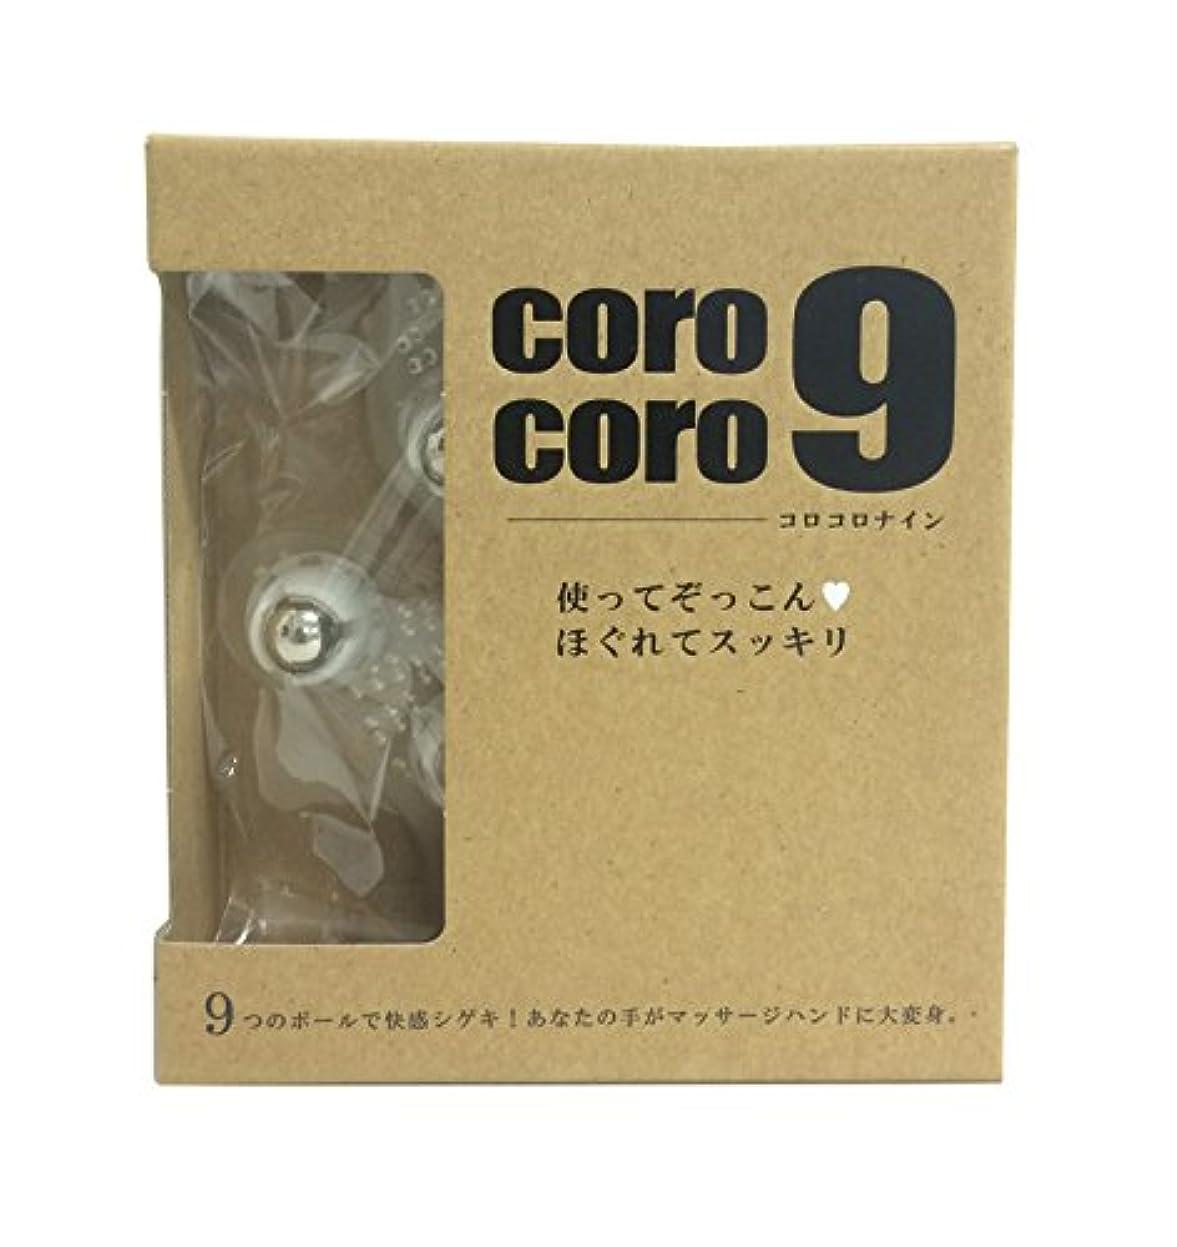 間違いなくエイリアス感性Reシリーズ CoroCoro9 クリア